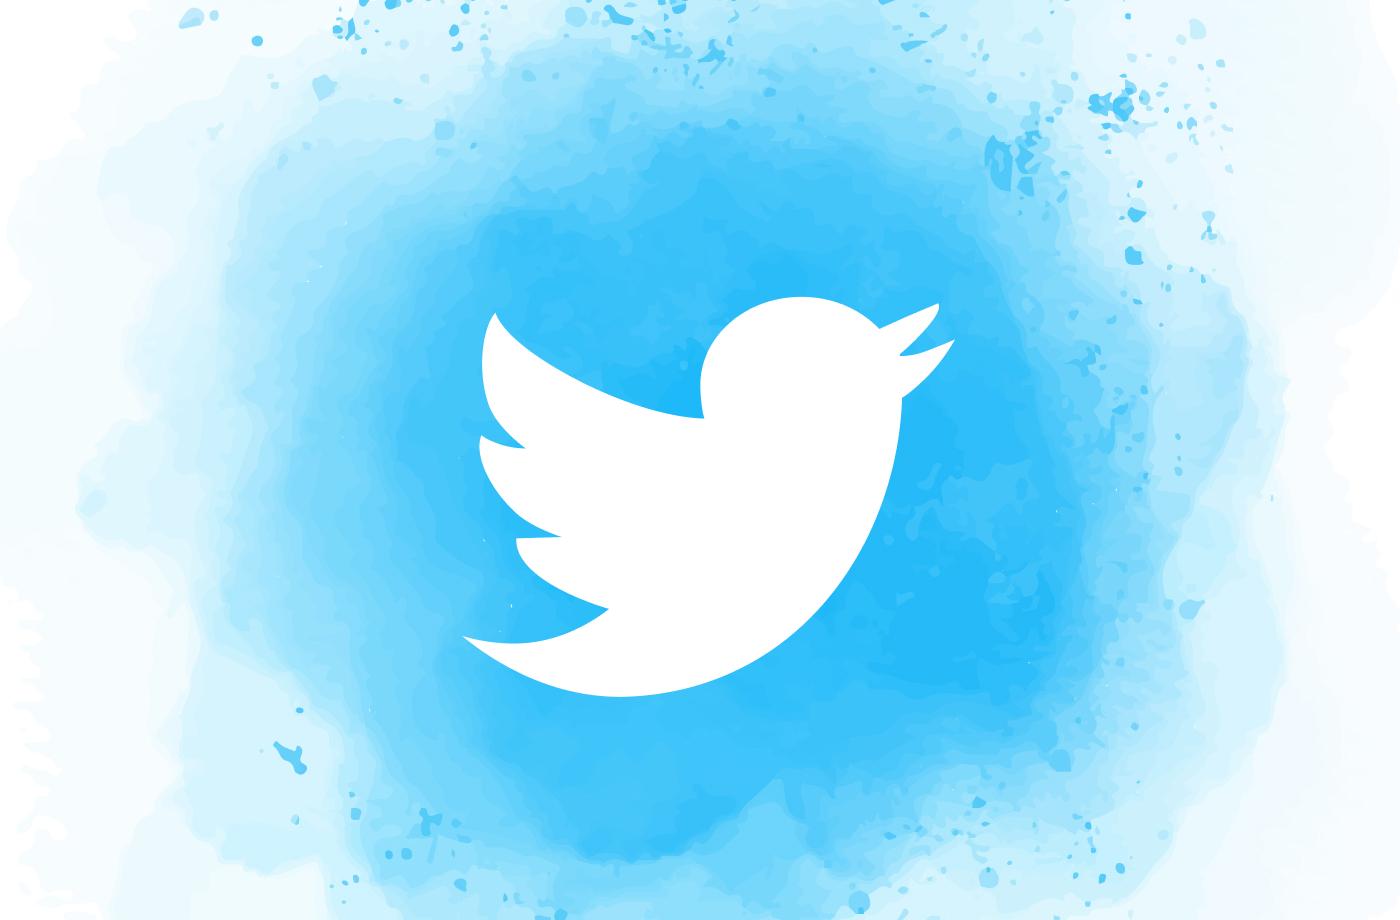 Twitterヘッダー画像はどんなものがいいのか。SNSを運用するために調べてみた。